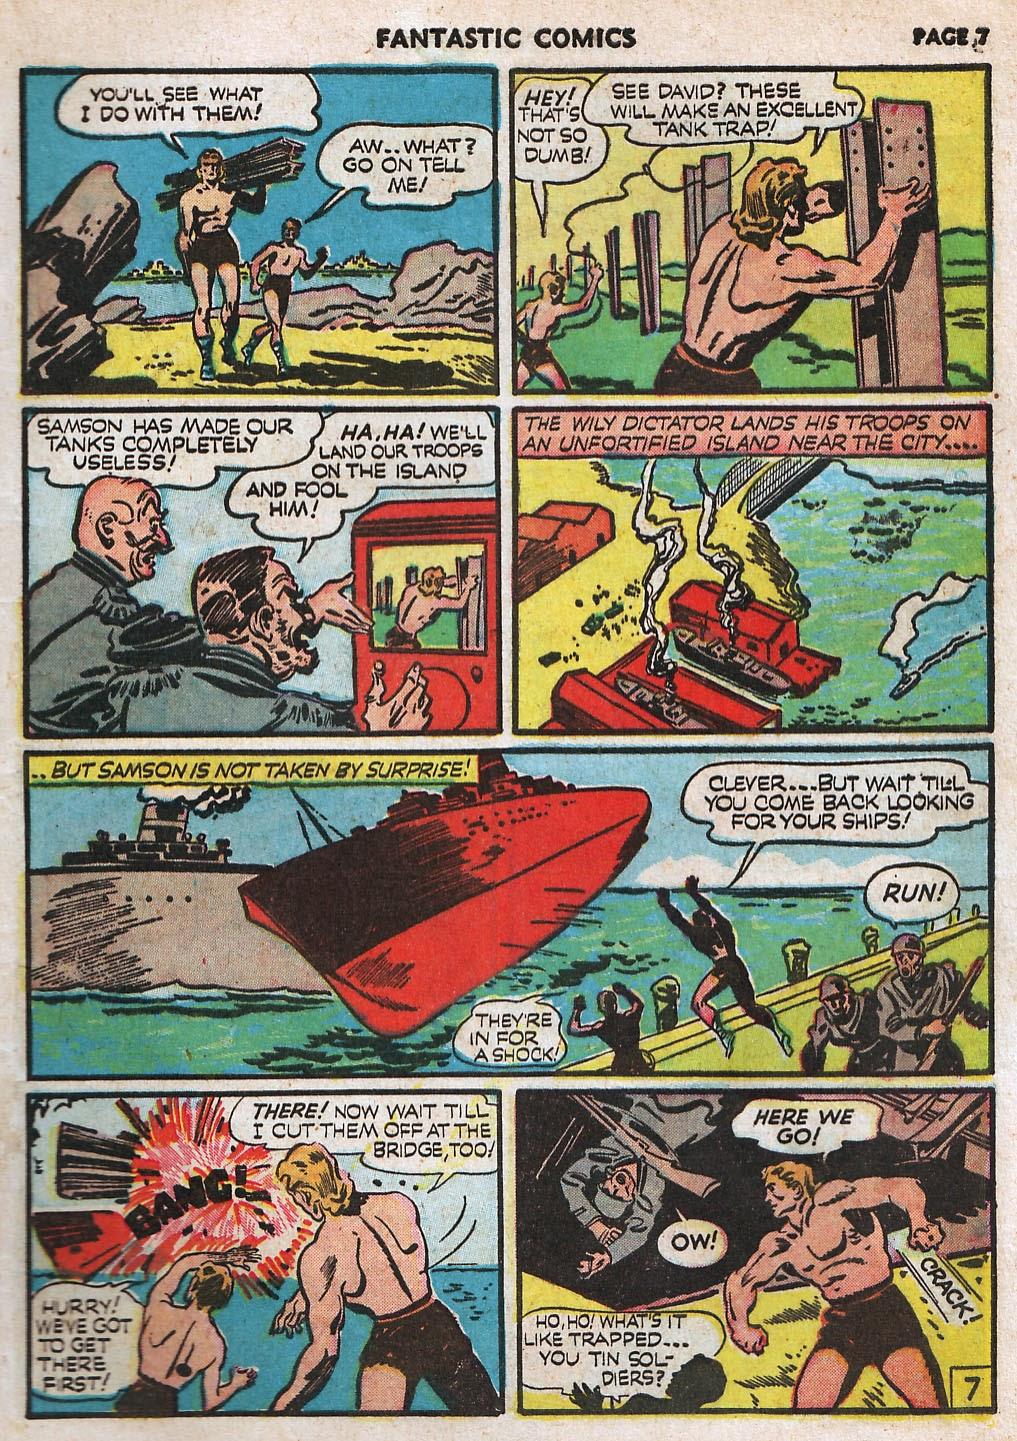 Read online Fantastic Comics comic -  Issue #17 - 9